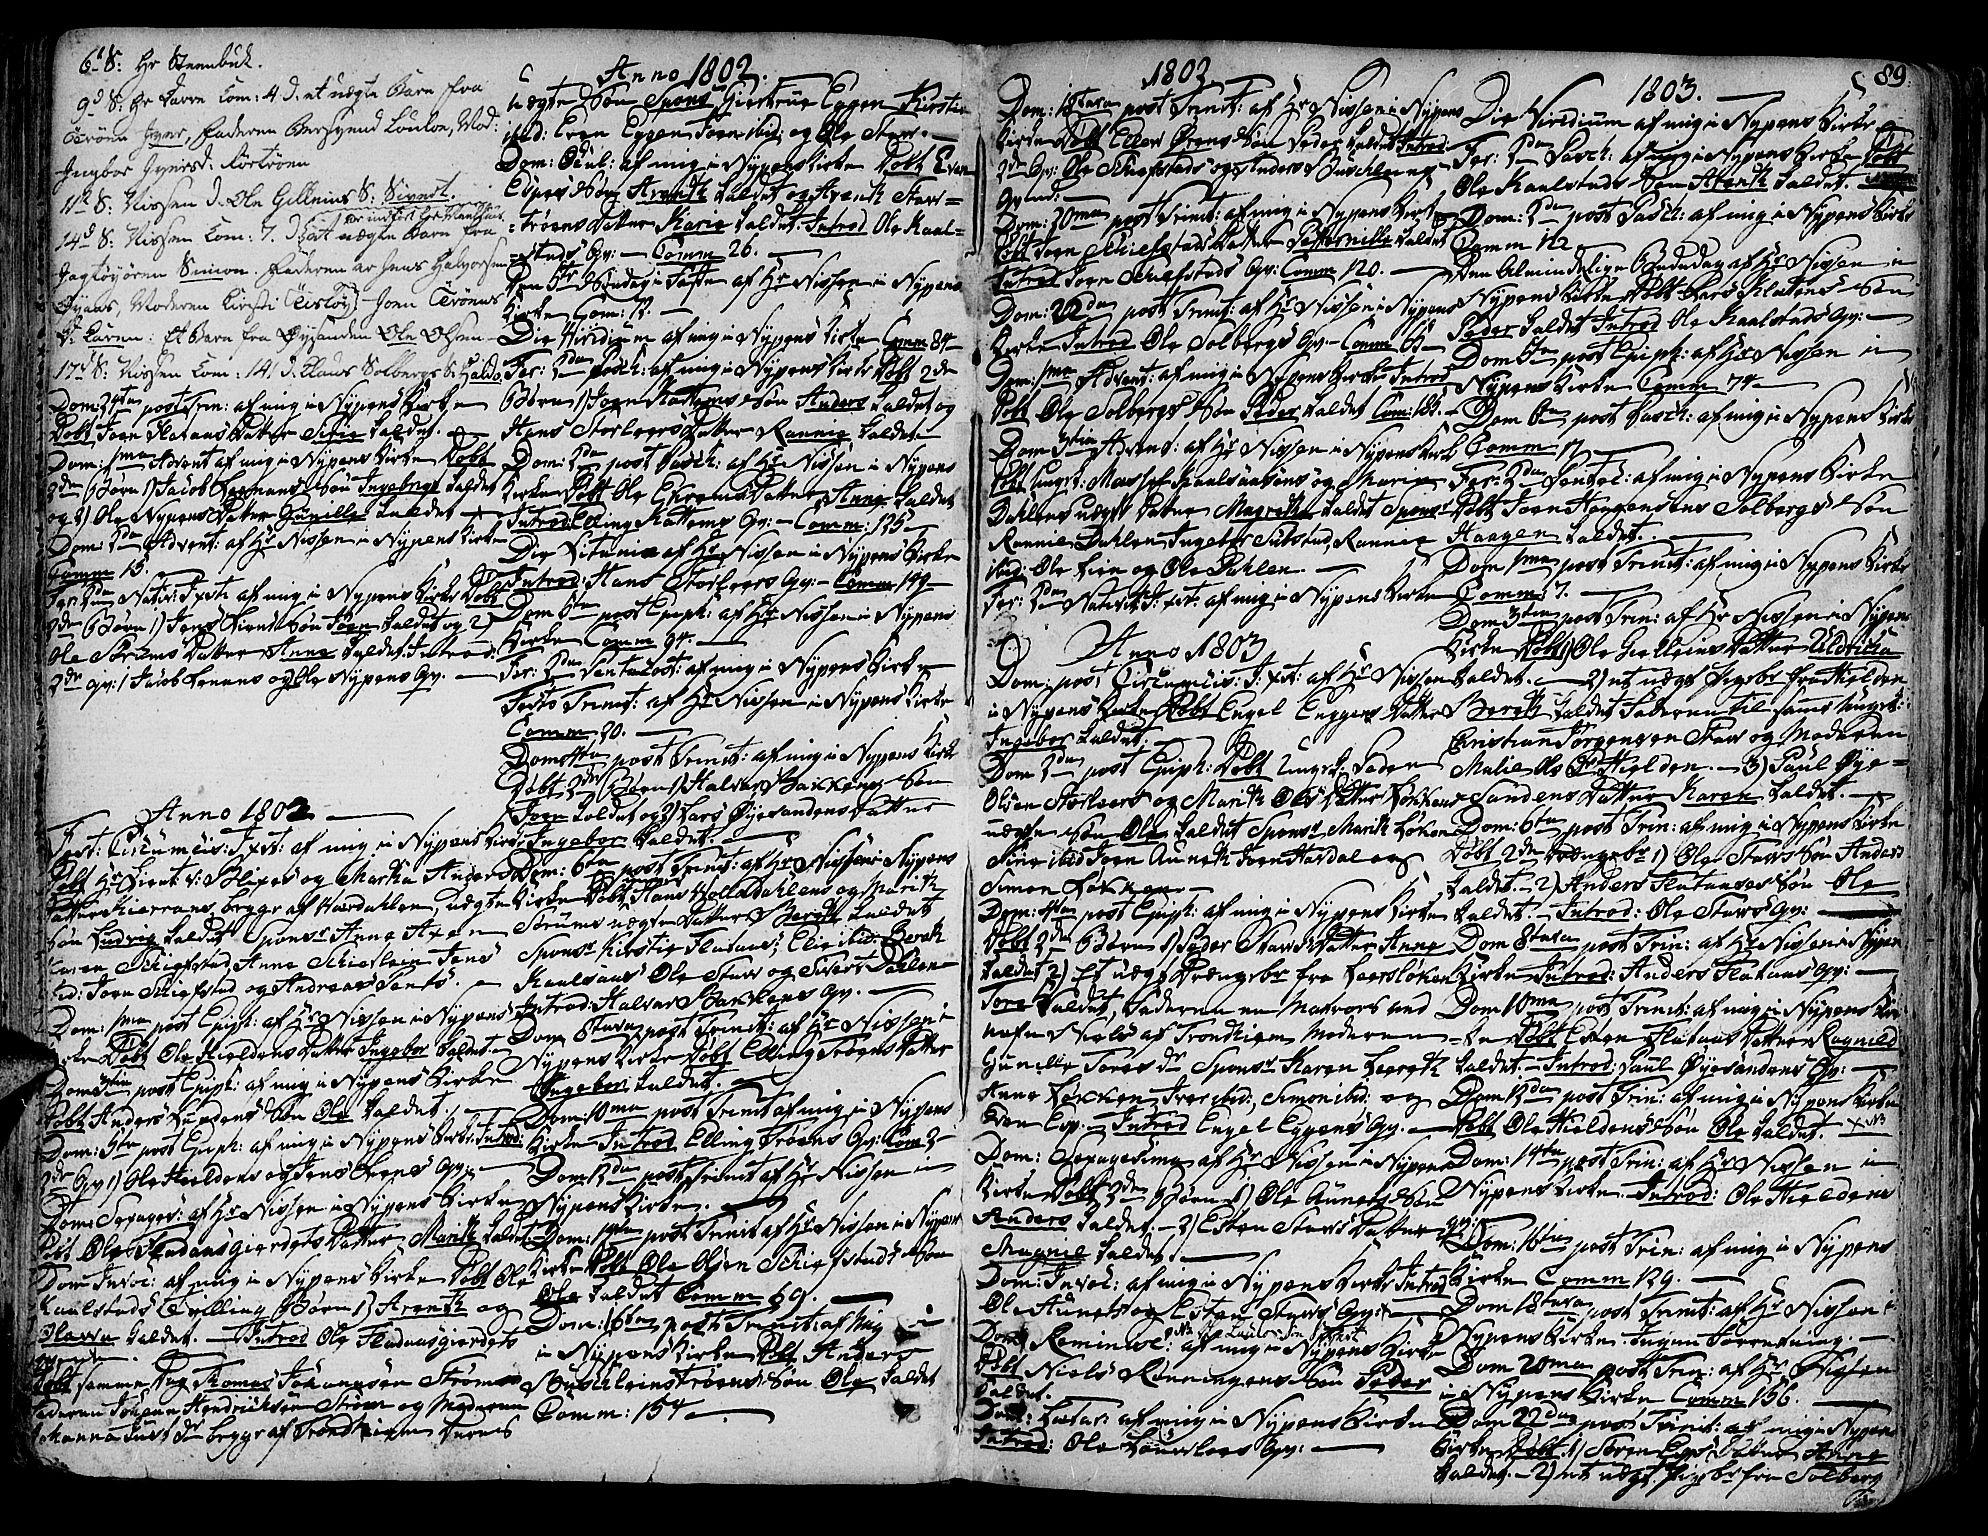 SAT, Ministerialprotokoller, klokkerbøker og fødselsregistre - Sør-Trøndelag, 691/L1063: Ministerialbok nr. 691A02 /3, 1768-1815, s. 89